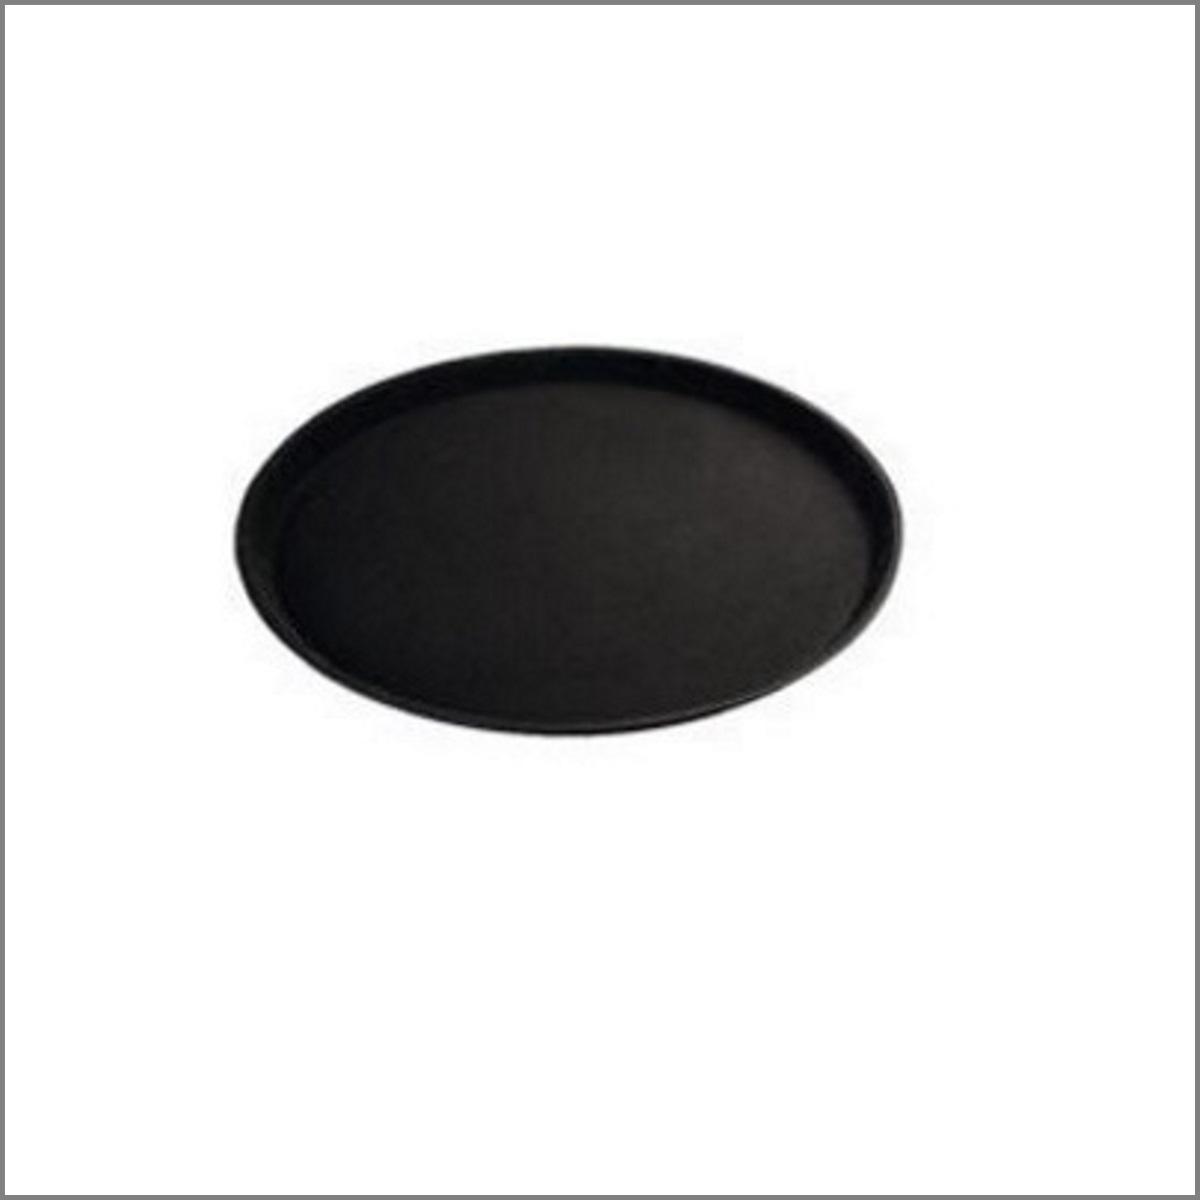 Plateau service rond noir d40 5